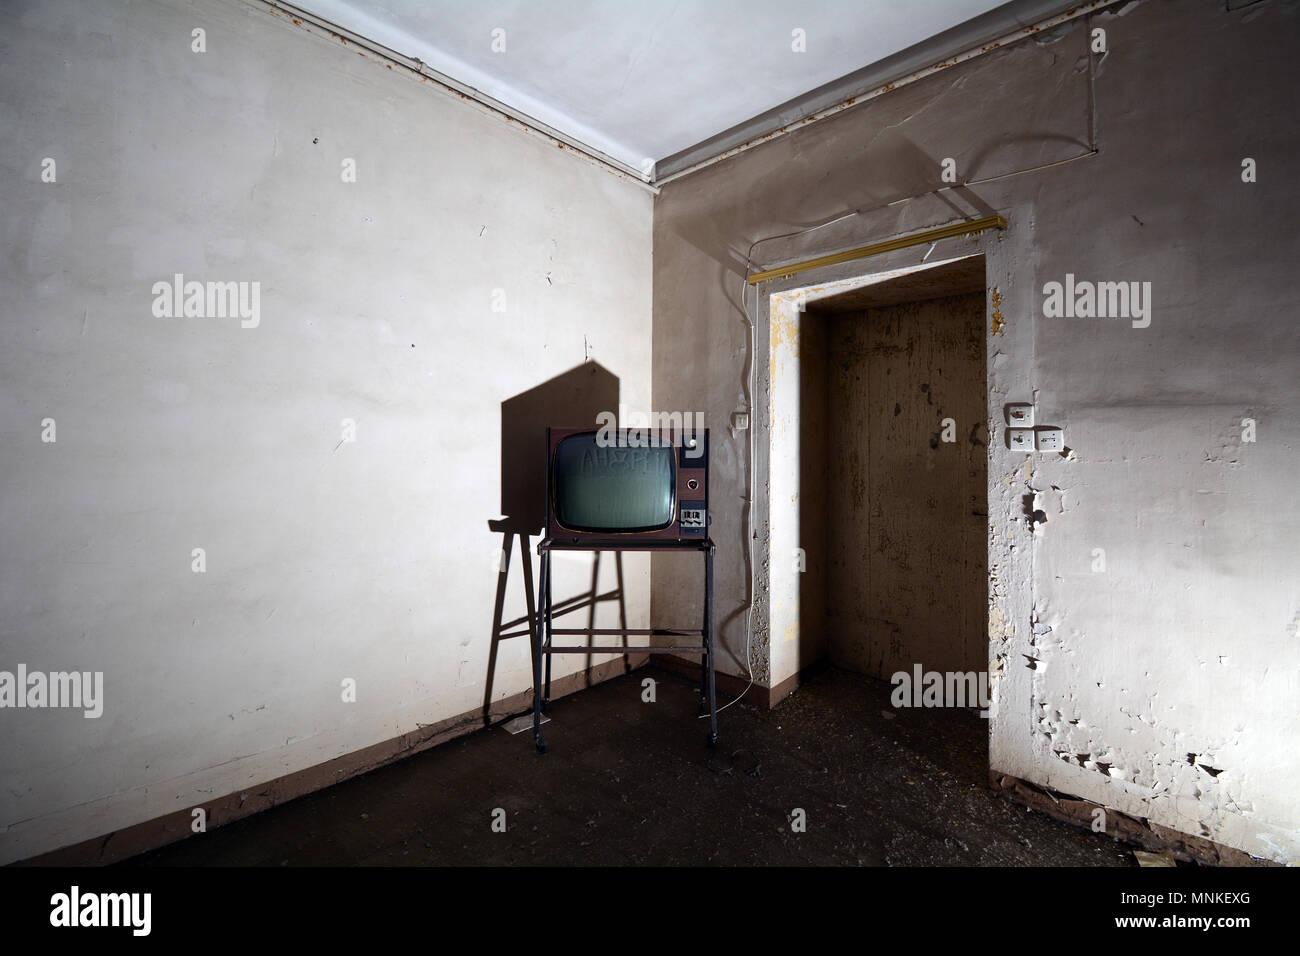 Vintage Fernseher in der Ecke der Zimmer in einem verlassenen Italienischen psychiatrischen Krankenhaus Gebäude Stockbild